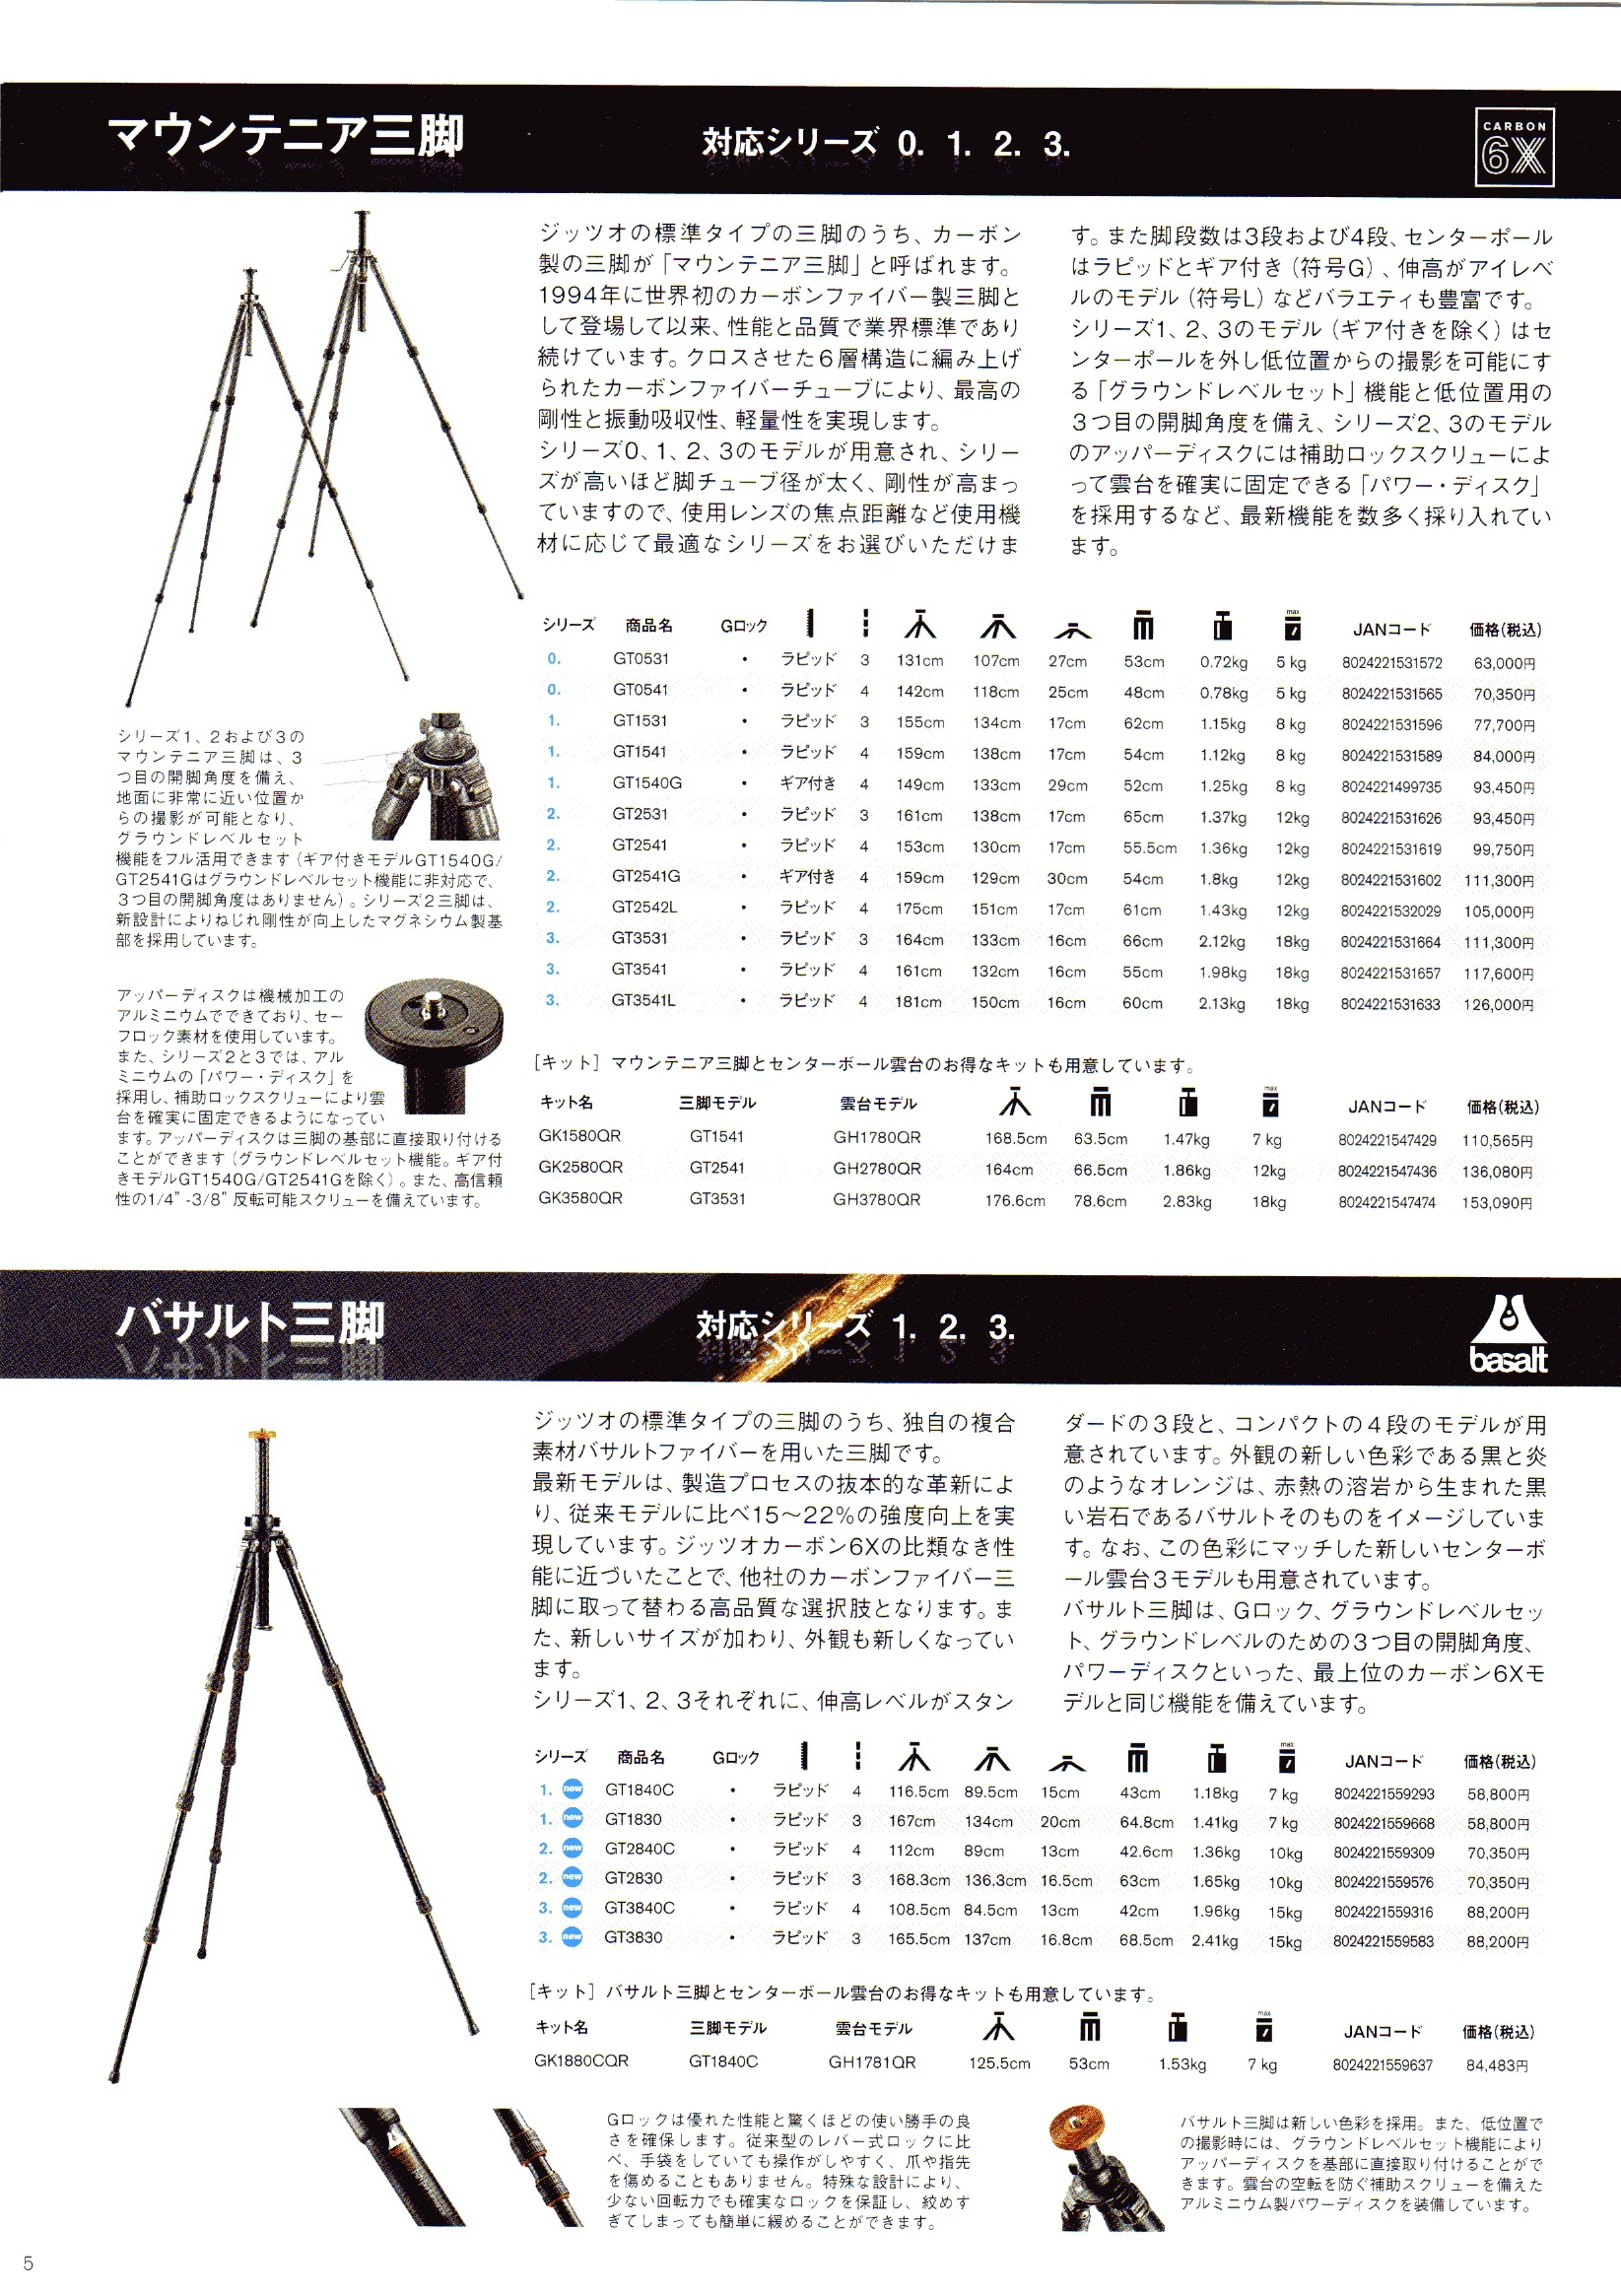 デジタル一眼レフカメラ比較・選び方入門 デジ一.com GITZO(ジッツオ/ジッツォ)最新カタログ P005(三脚)